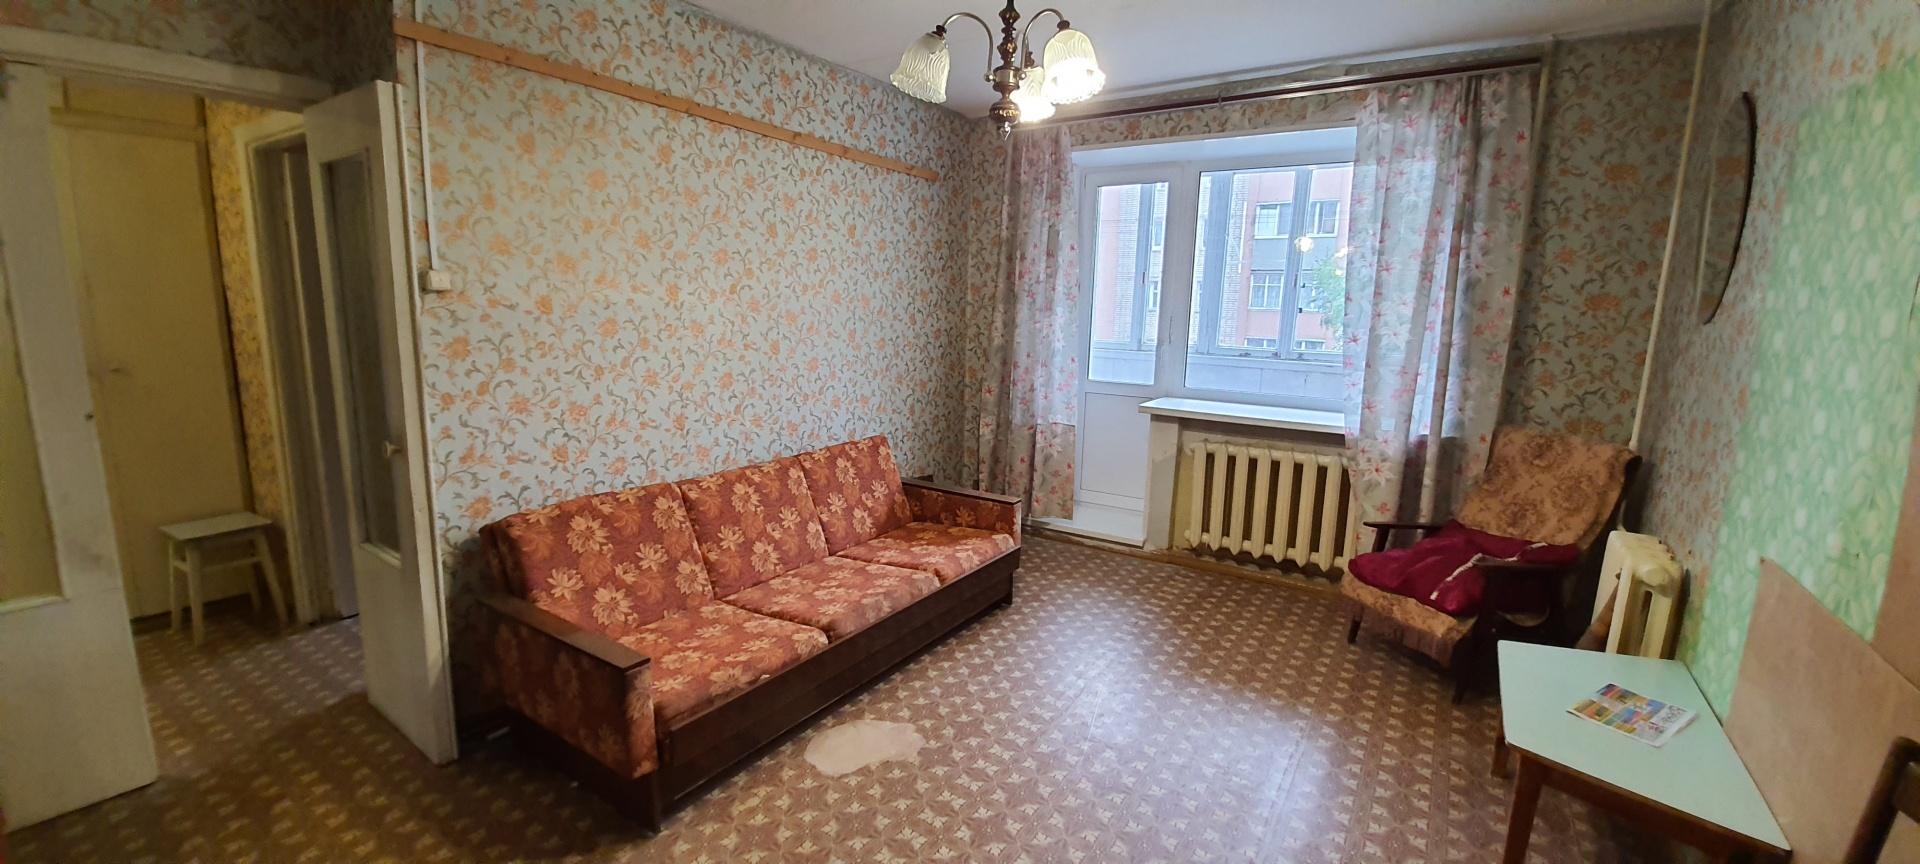 Продажа 2-комнатной квартиры Мельникова-Печерского ул., 4, Нижний Новгород